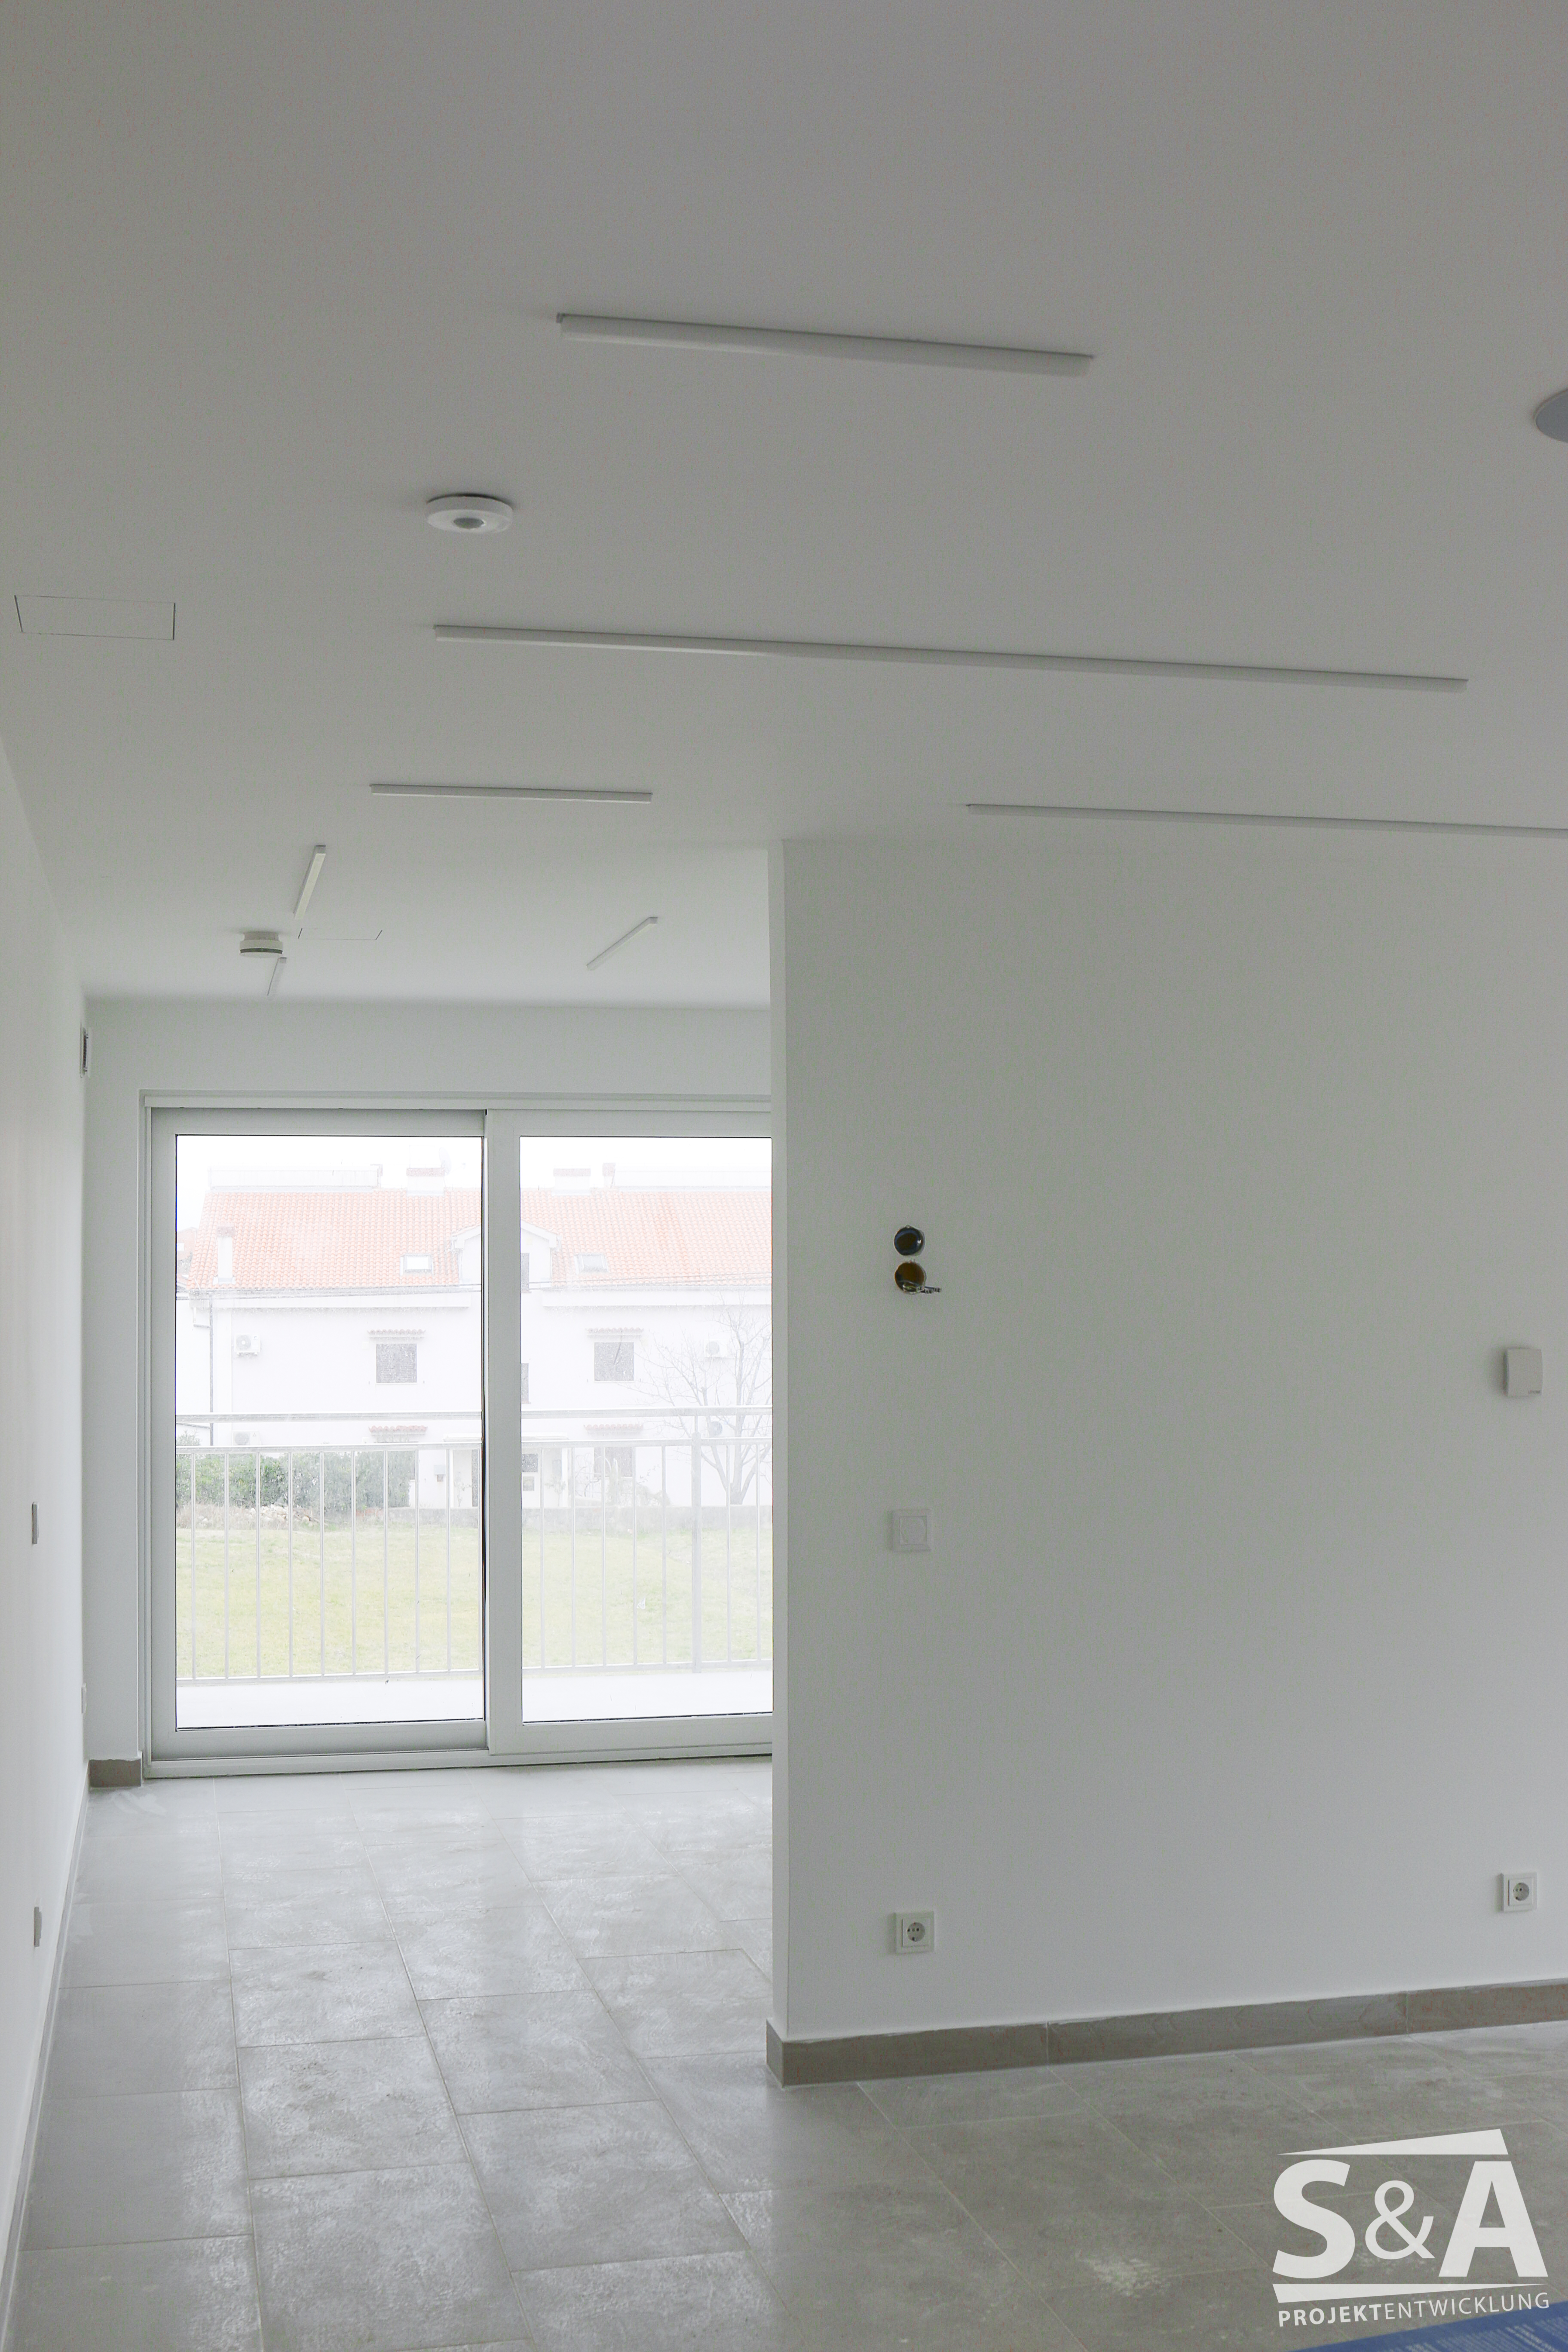 SuA_Projektentwicklung-6